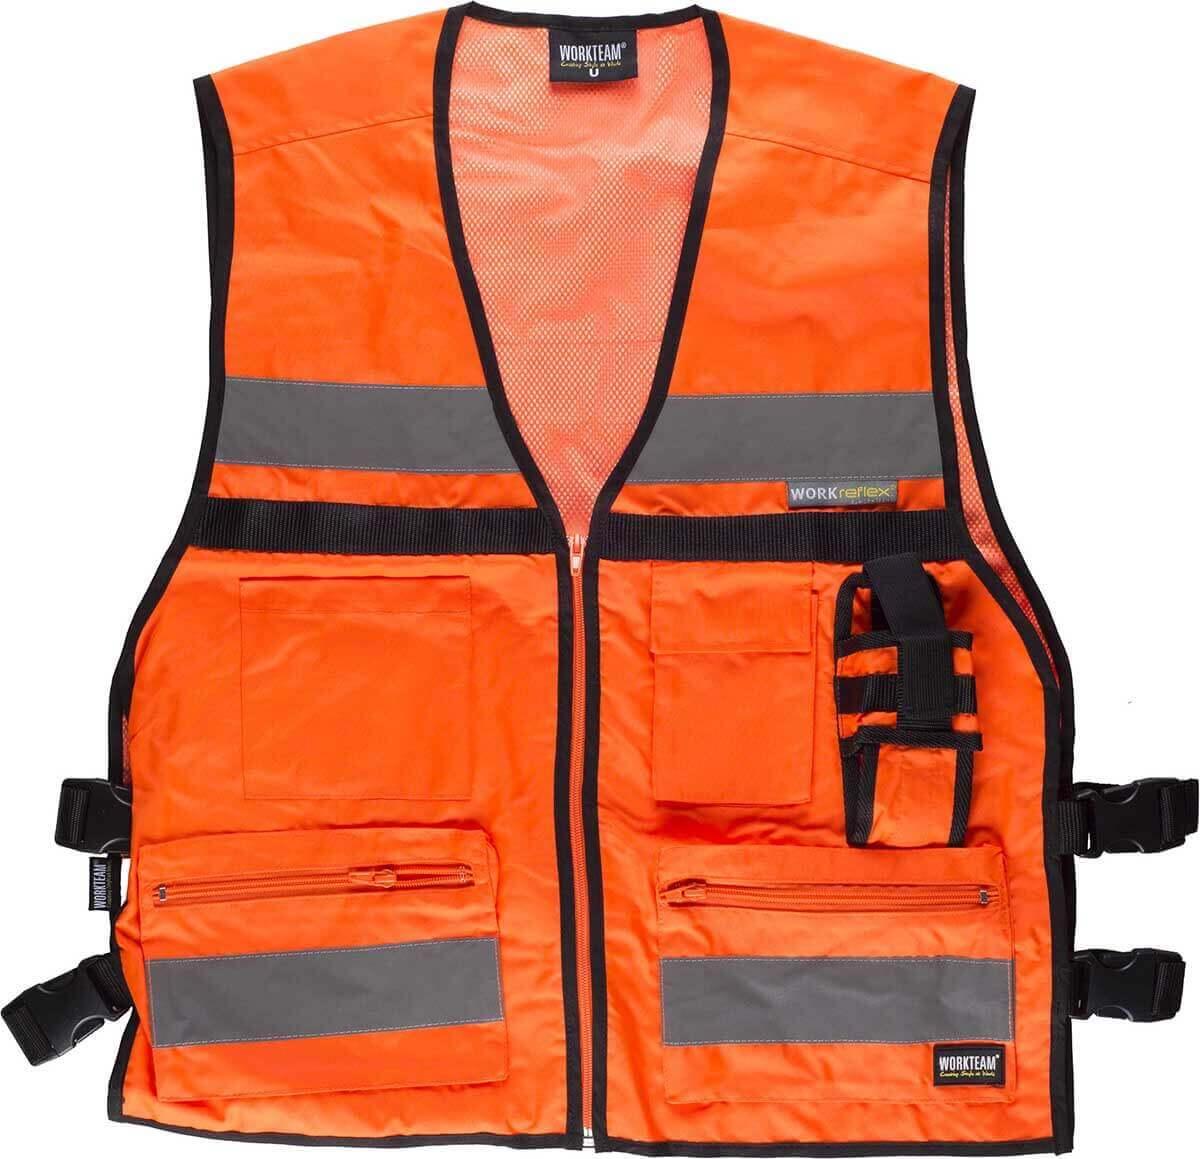 gilet-alta-visibilità-c3601-combi-workteam